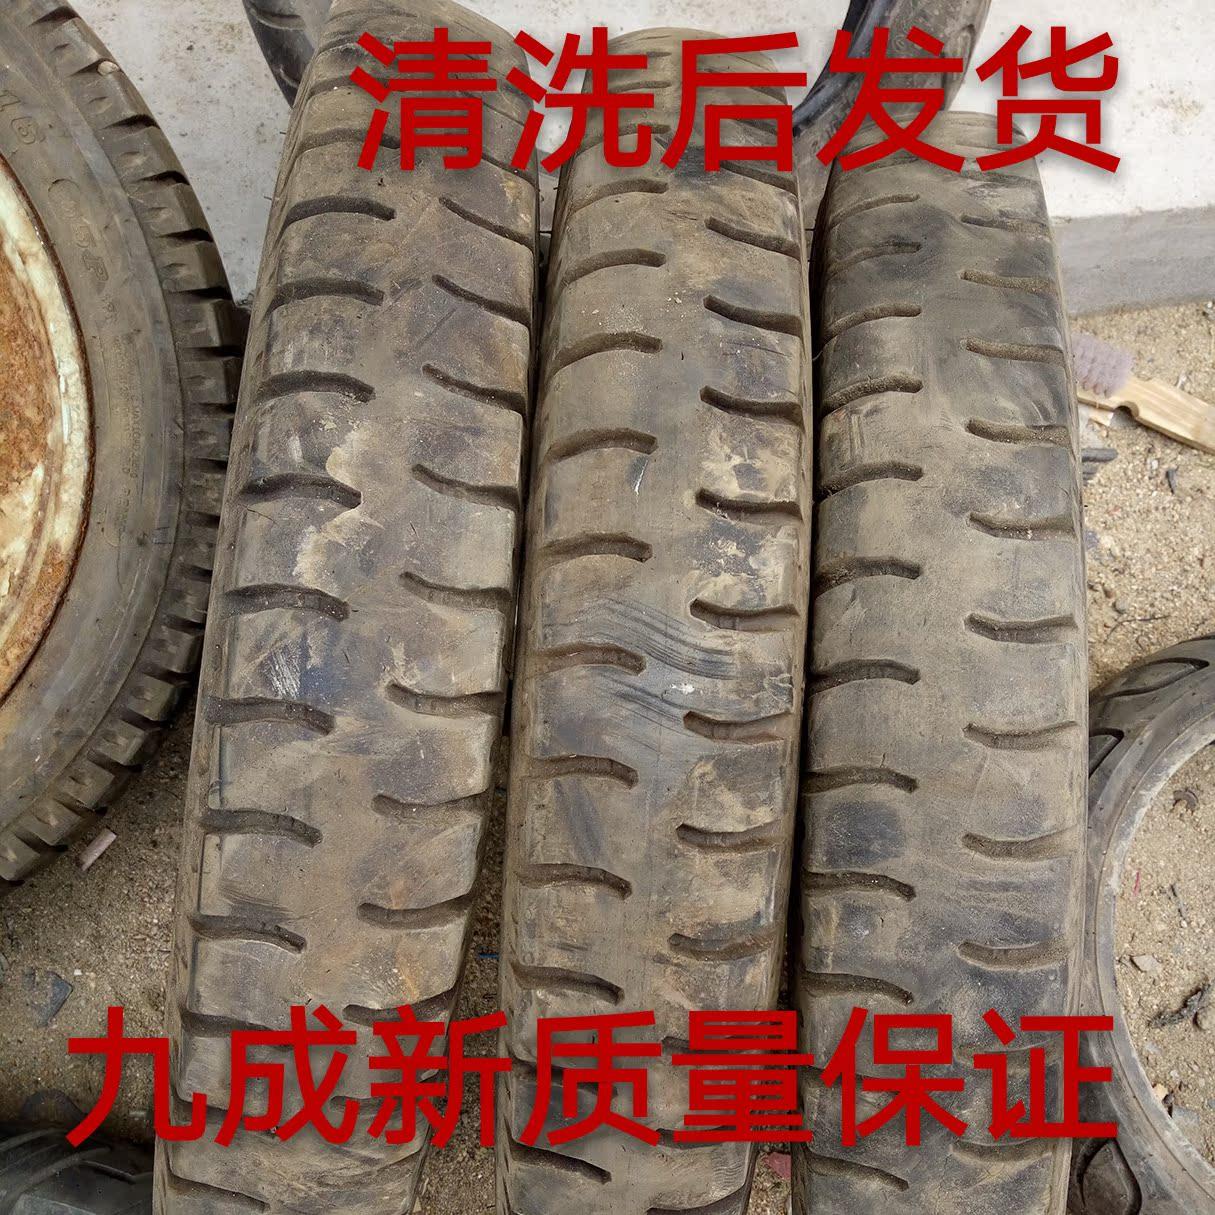 二手摩托车轮胎三轮车轮胎3.25-16 3.50-16真空普通外胎朝阳